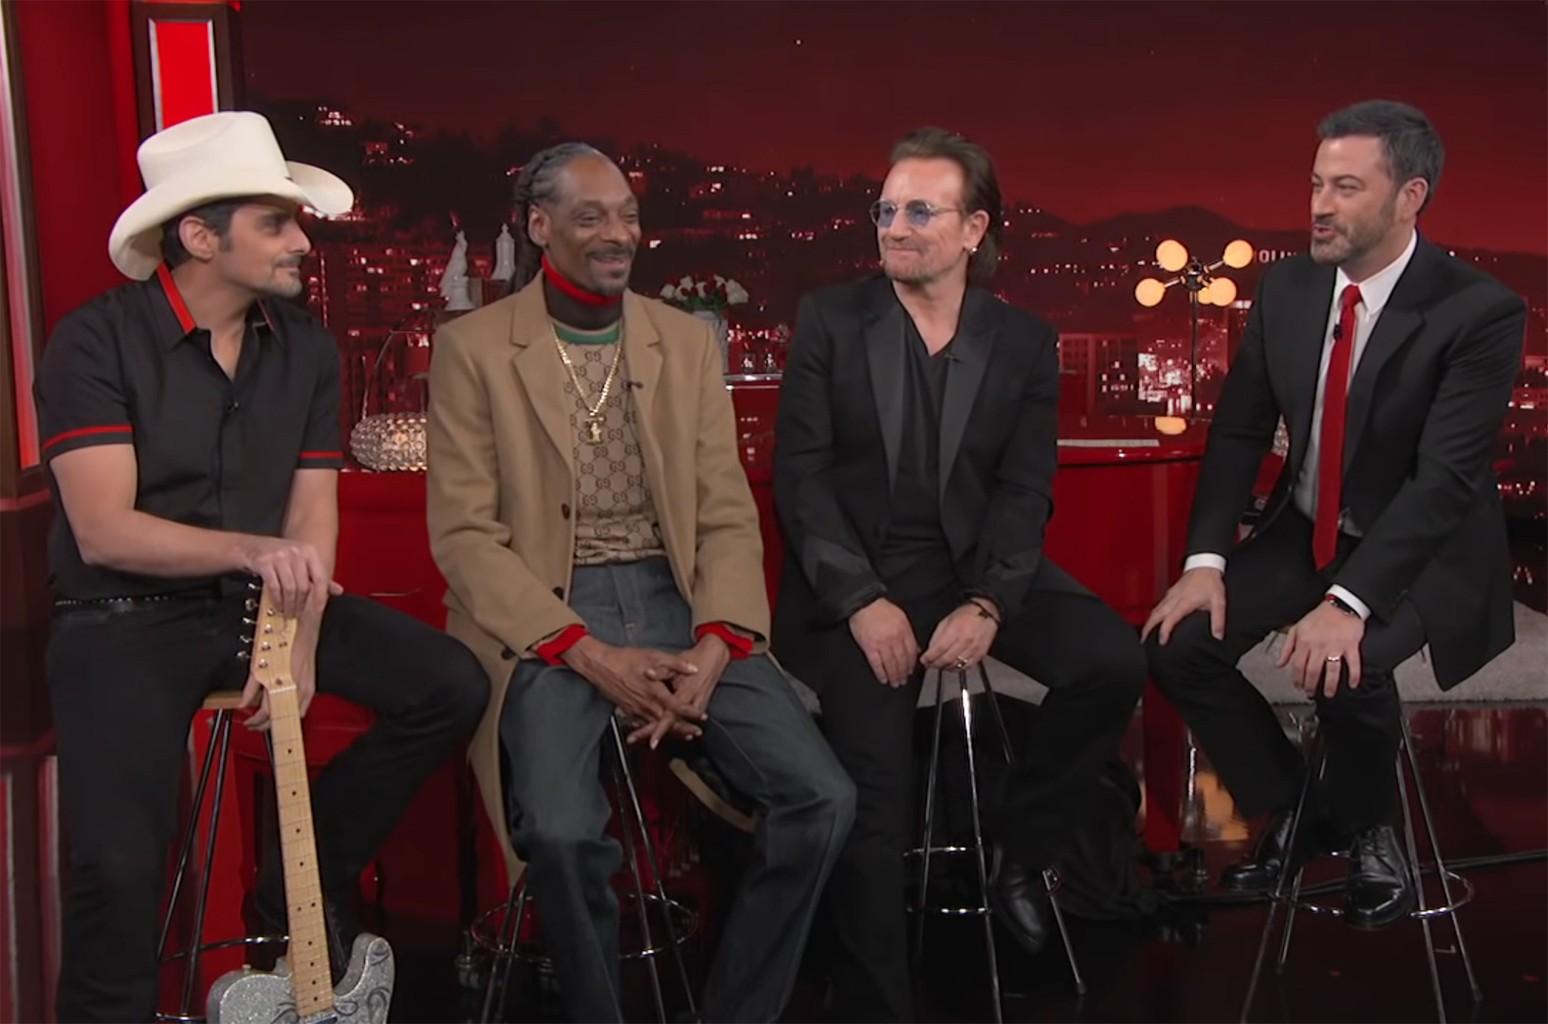 Brad Paisley, Snoop Dogg, Bono and Jimmy Kimmel